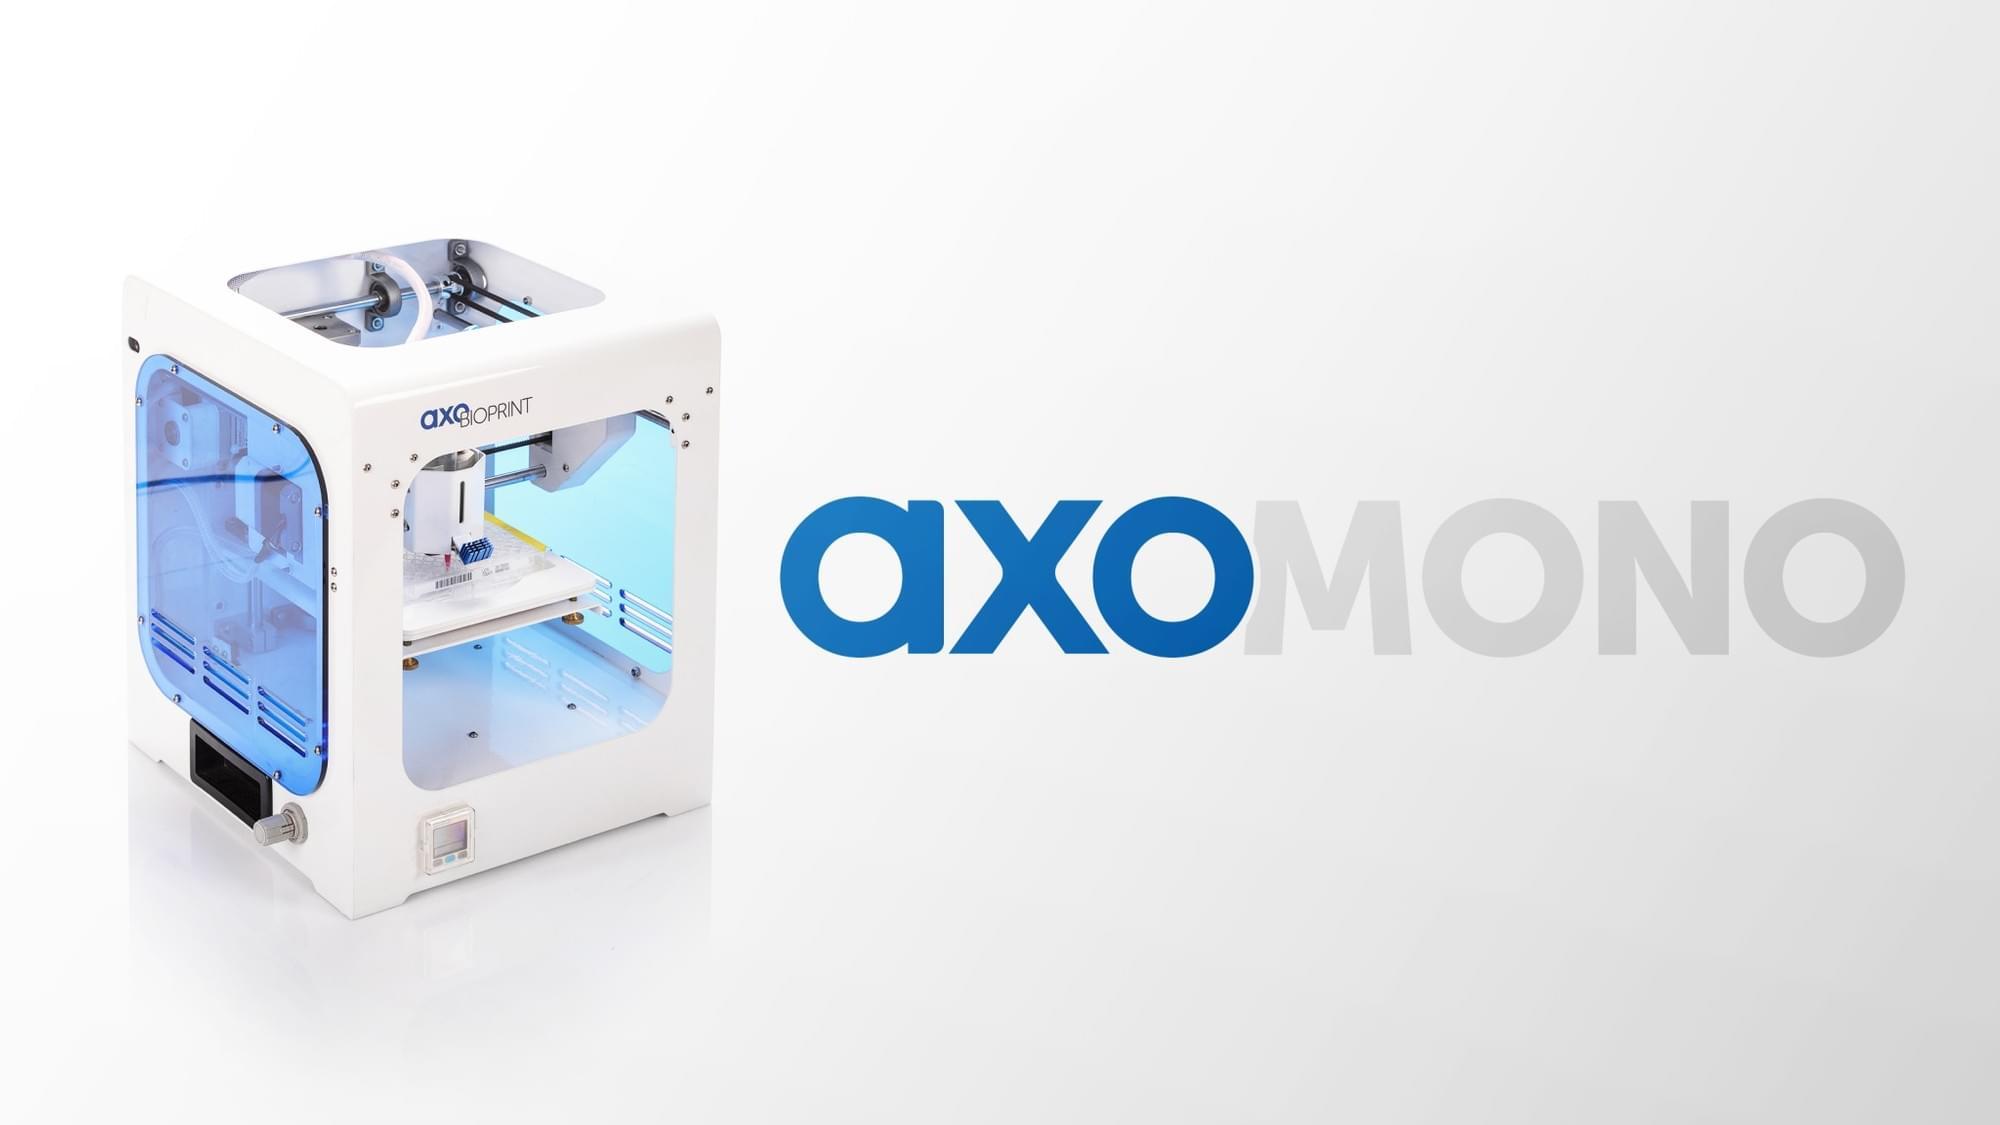 AxoMono